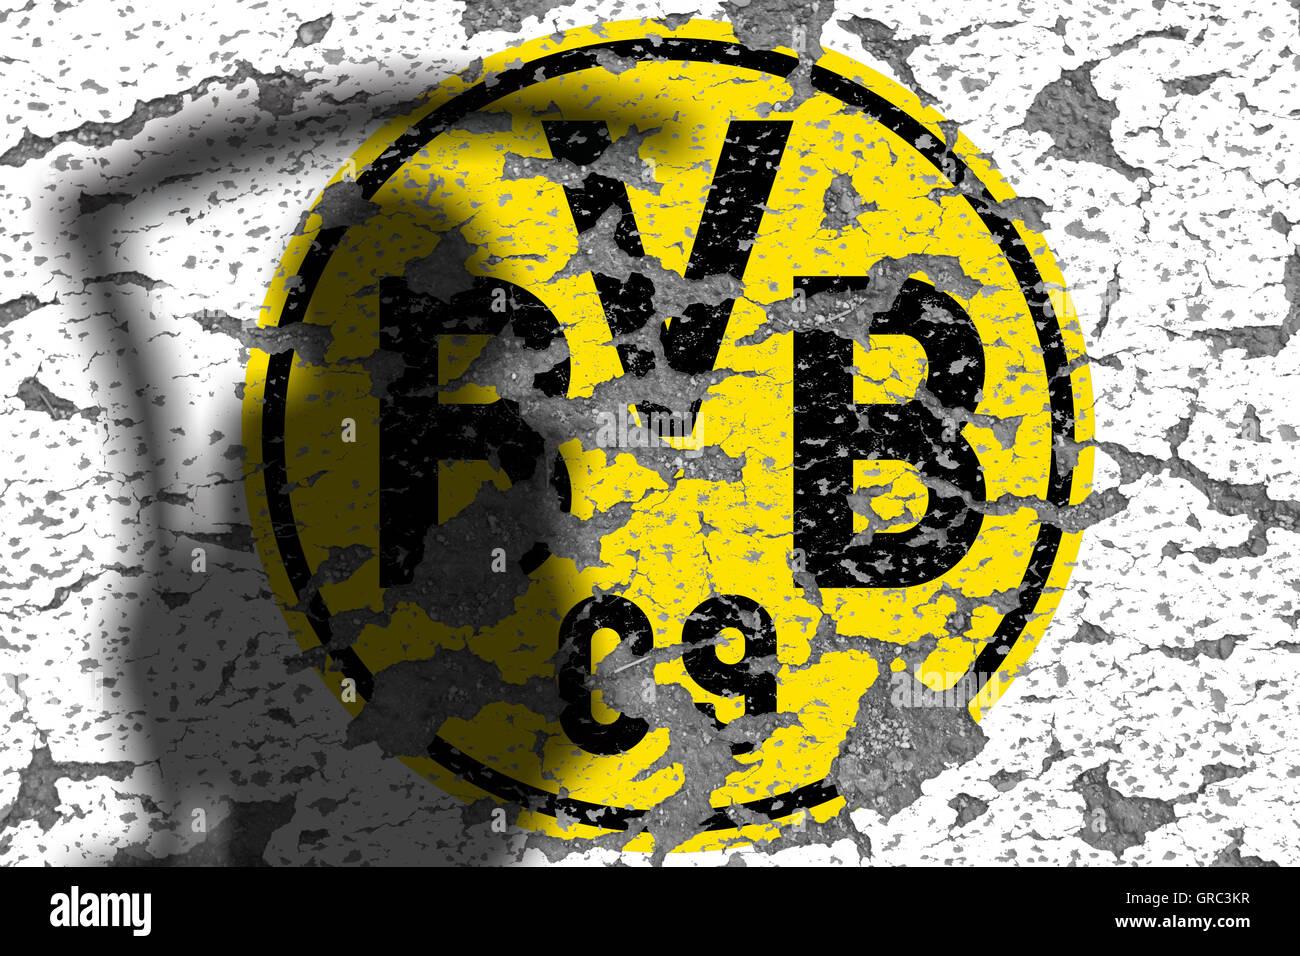 Bvb Borussia Dortmund Logo Stockfotos Und Bilder Kaufen Alamy